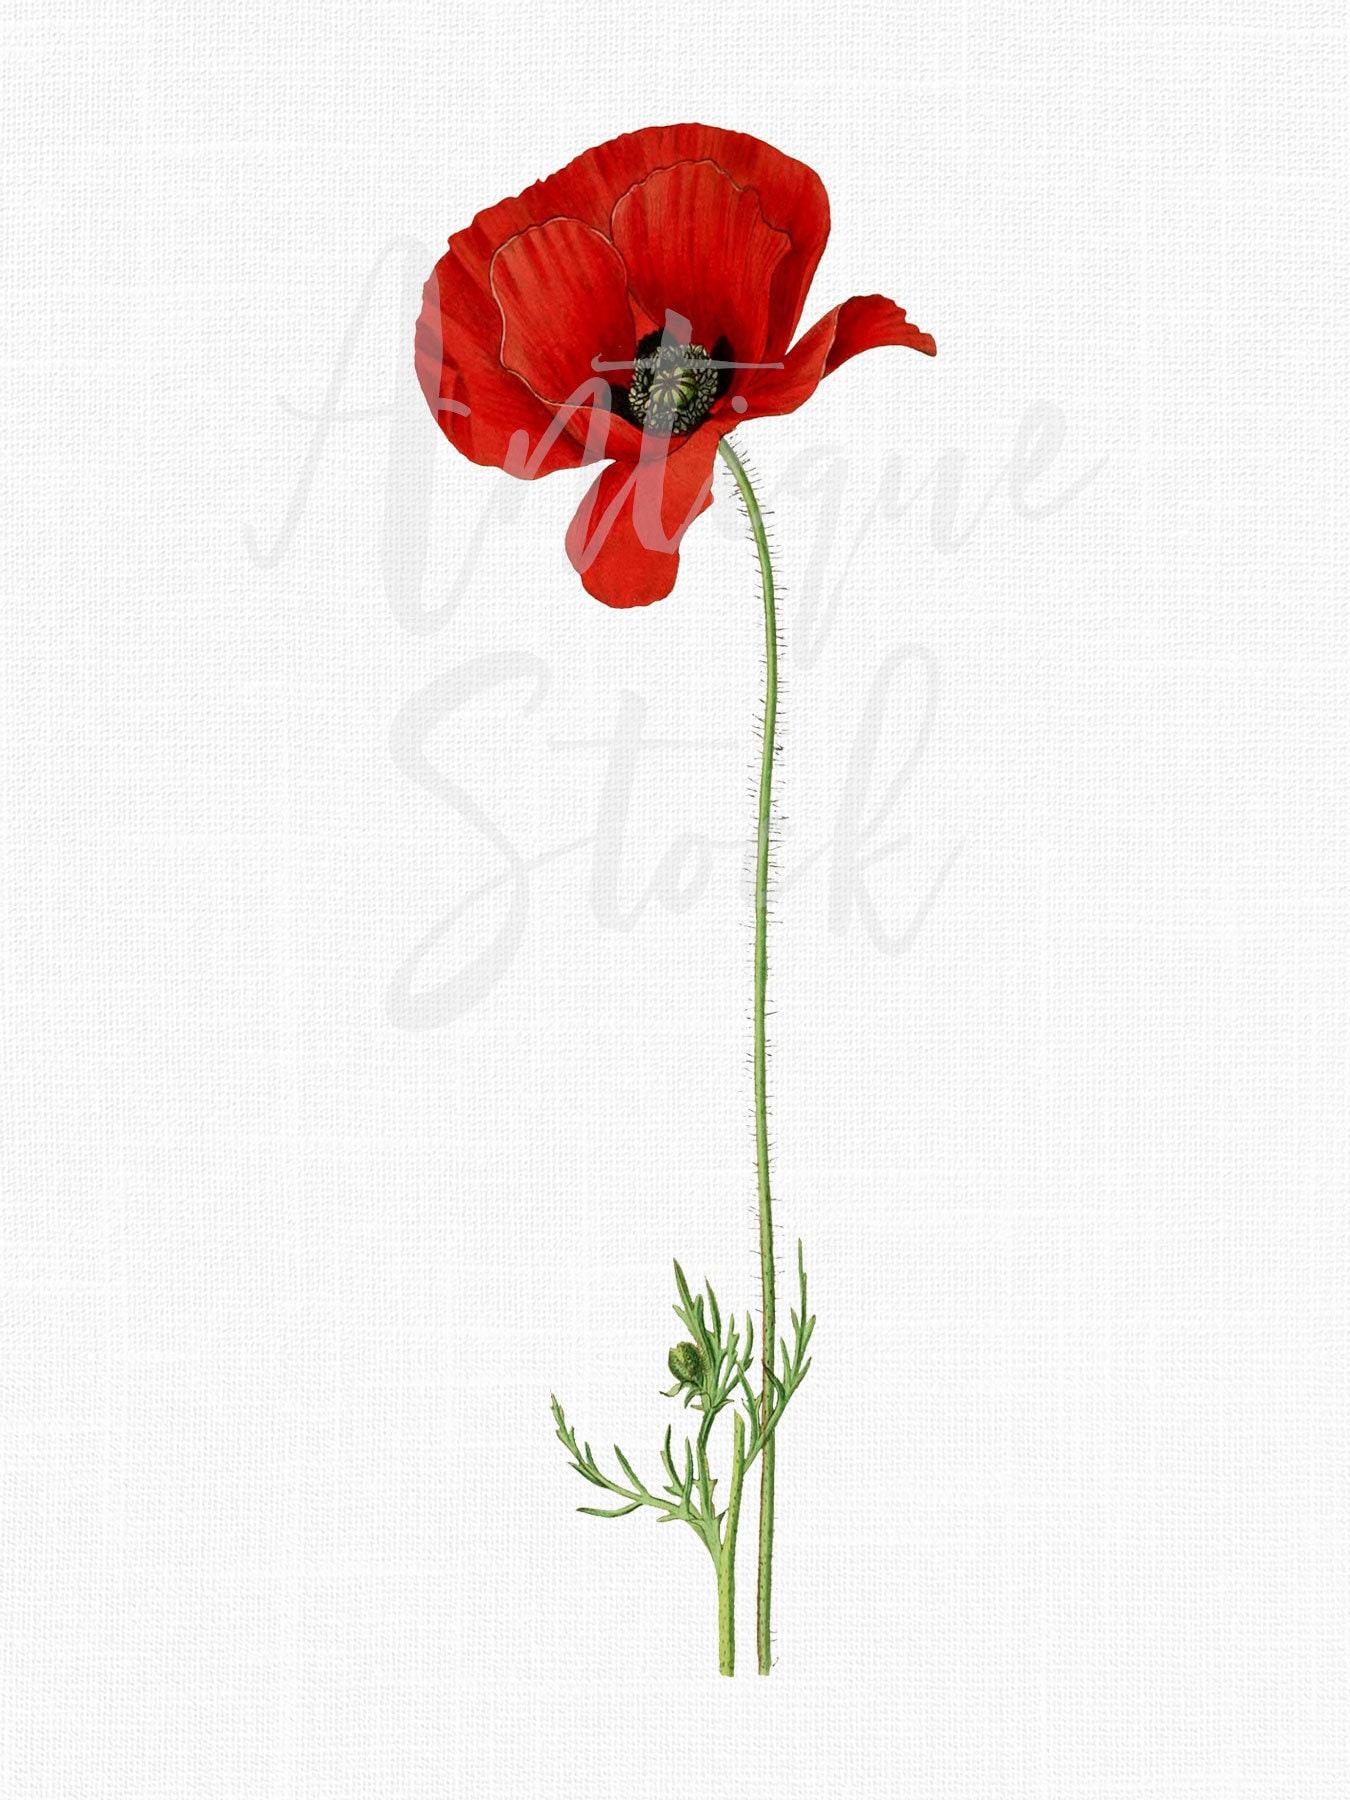 Red Flower Clipart Poppy Flower Vintage Botanical Etsy